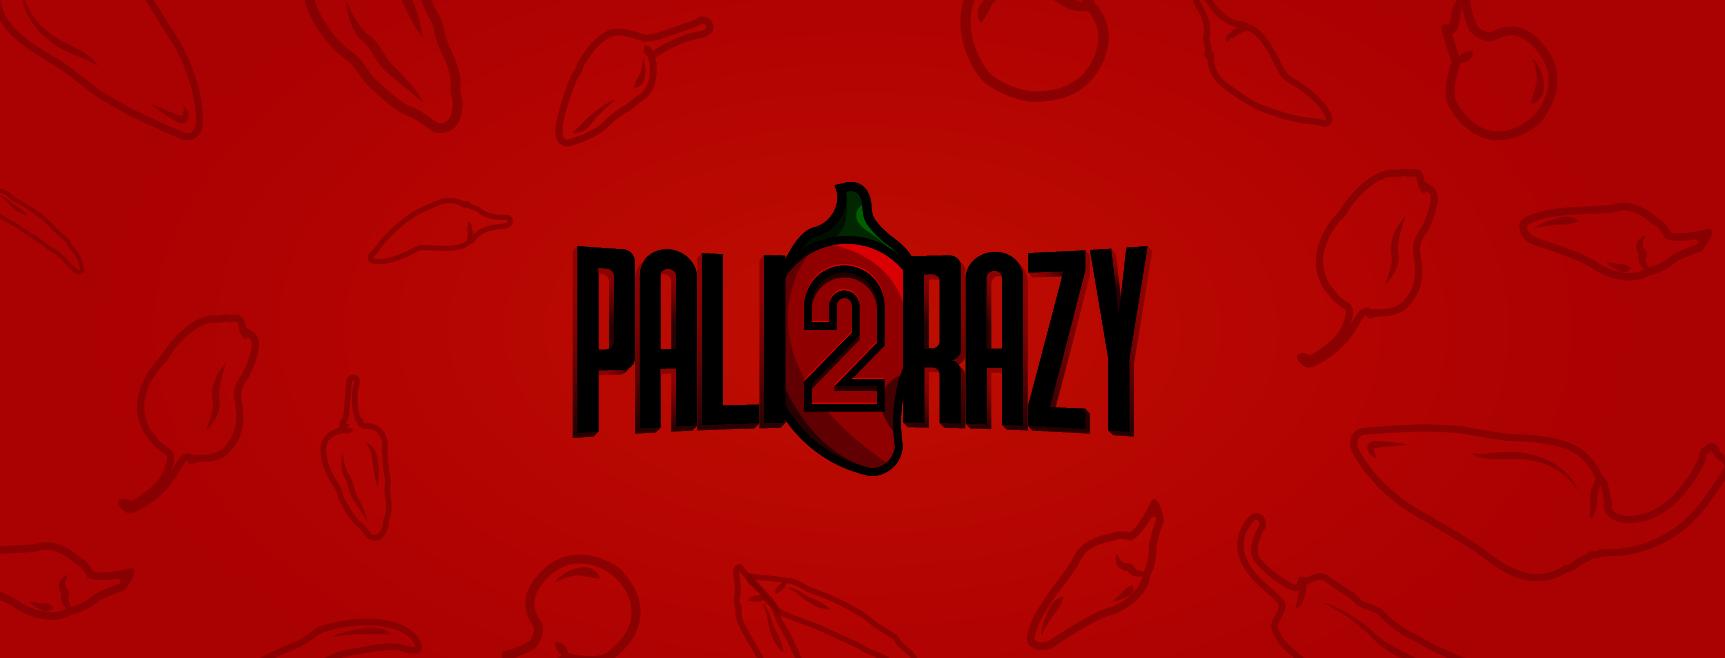 pali2razy